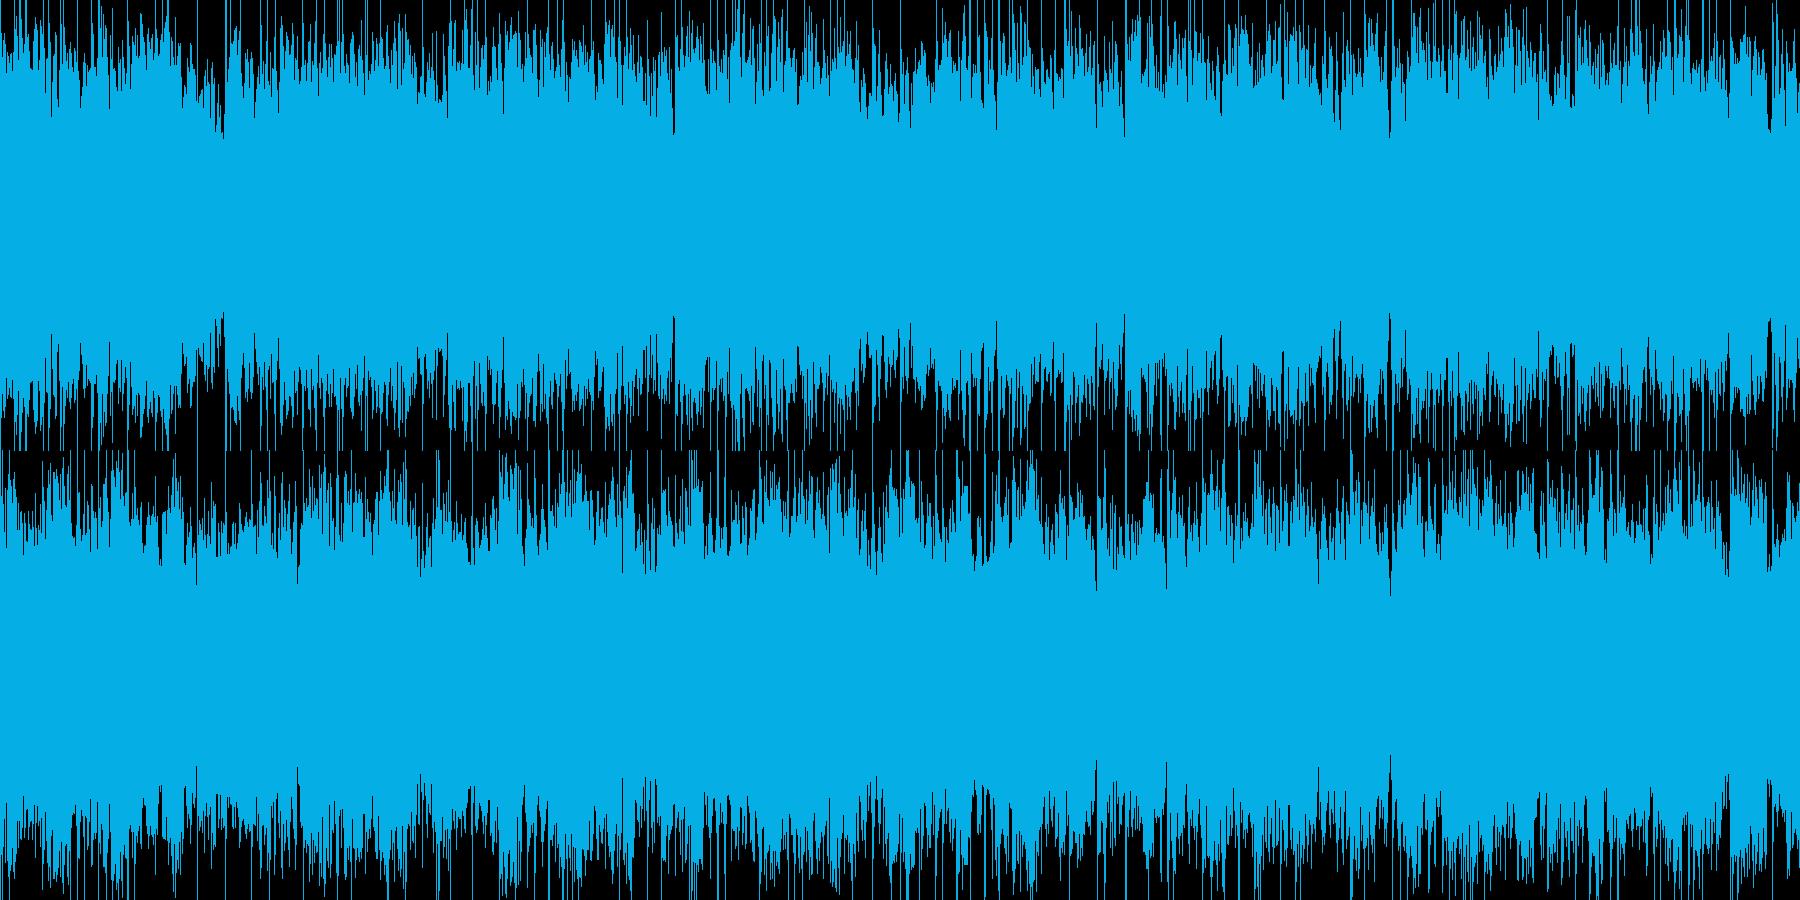 夢に入りそうな眠たいBGMの再生済みの波形